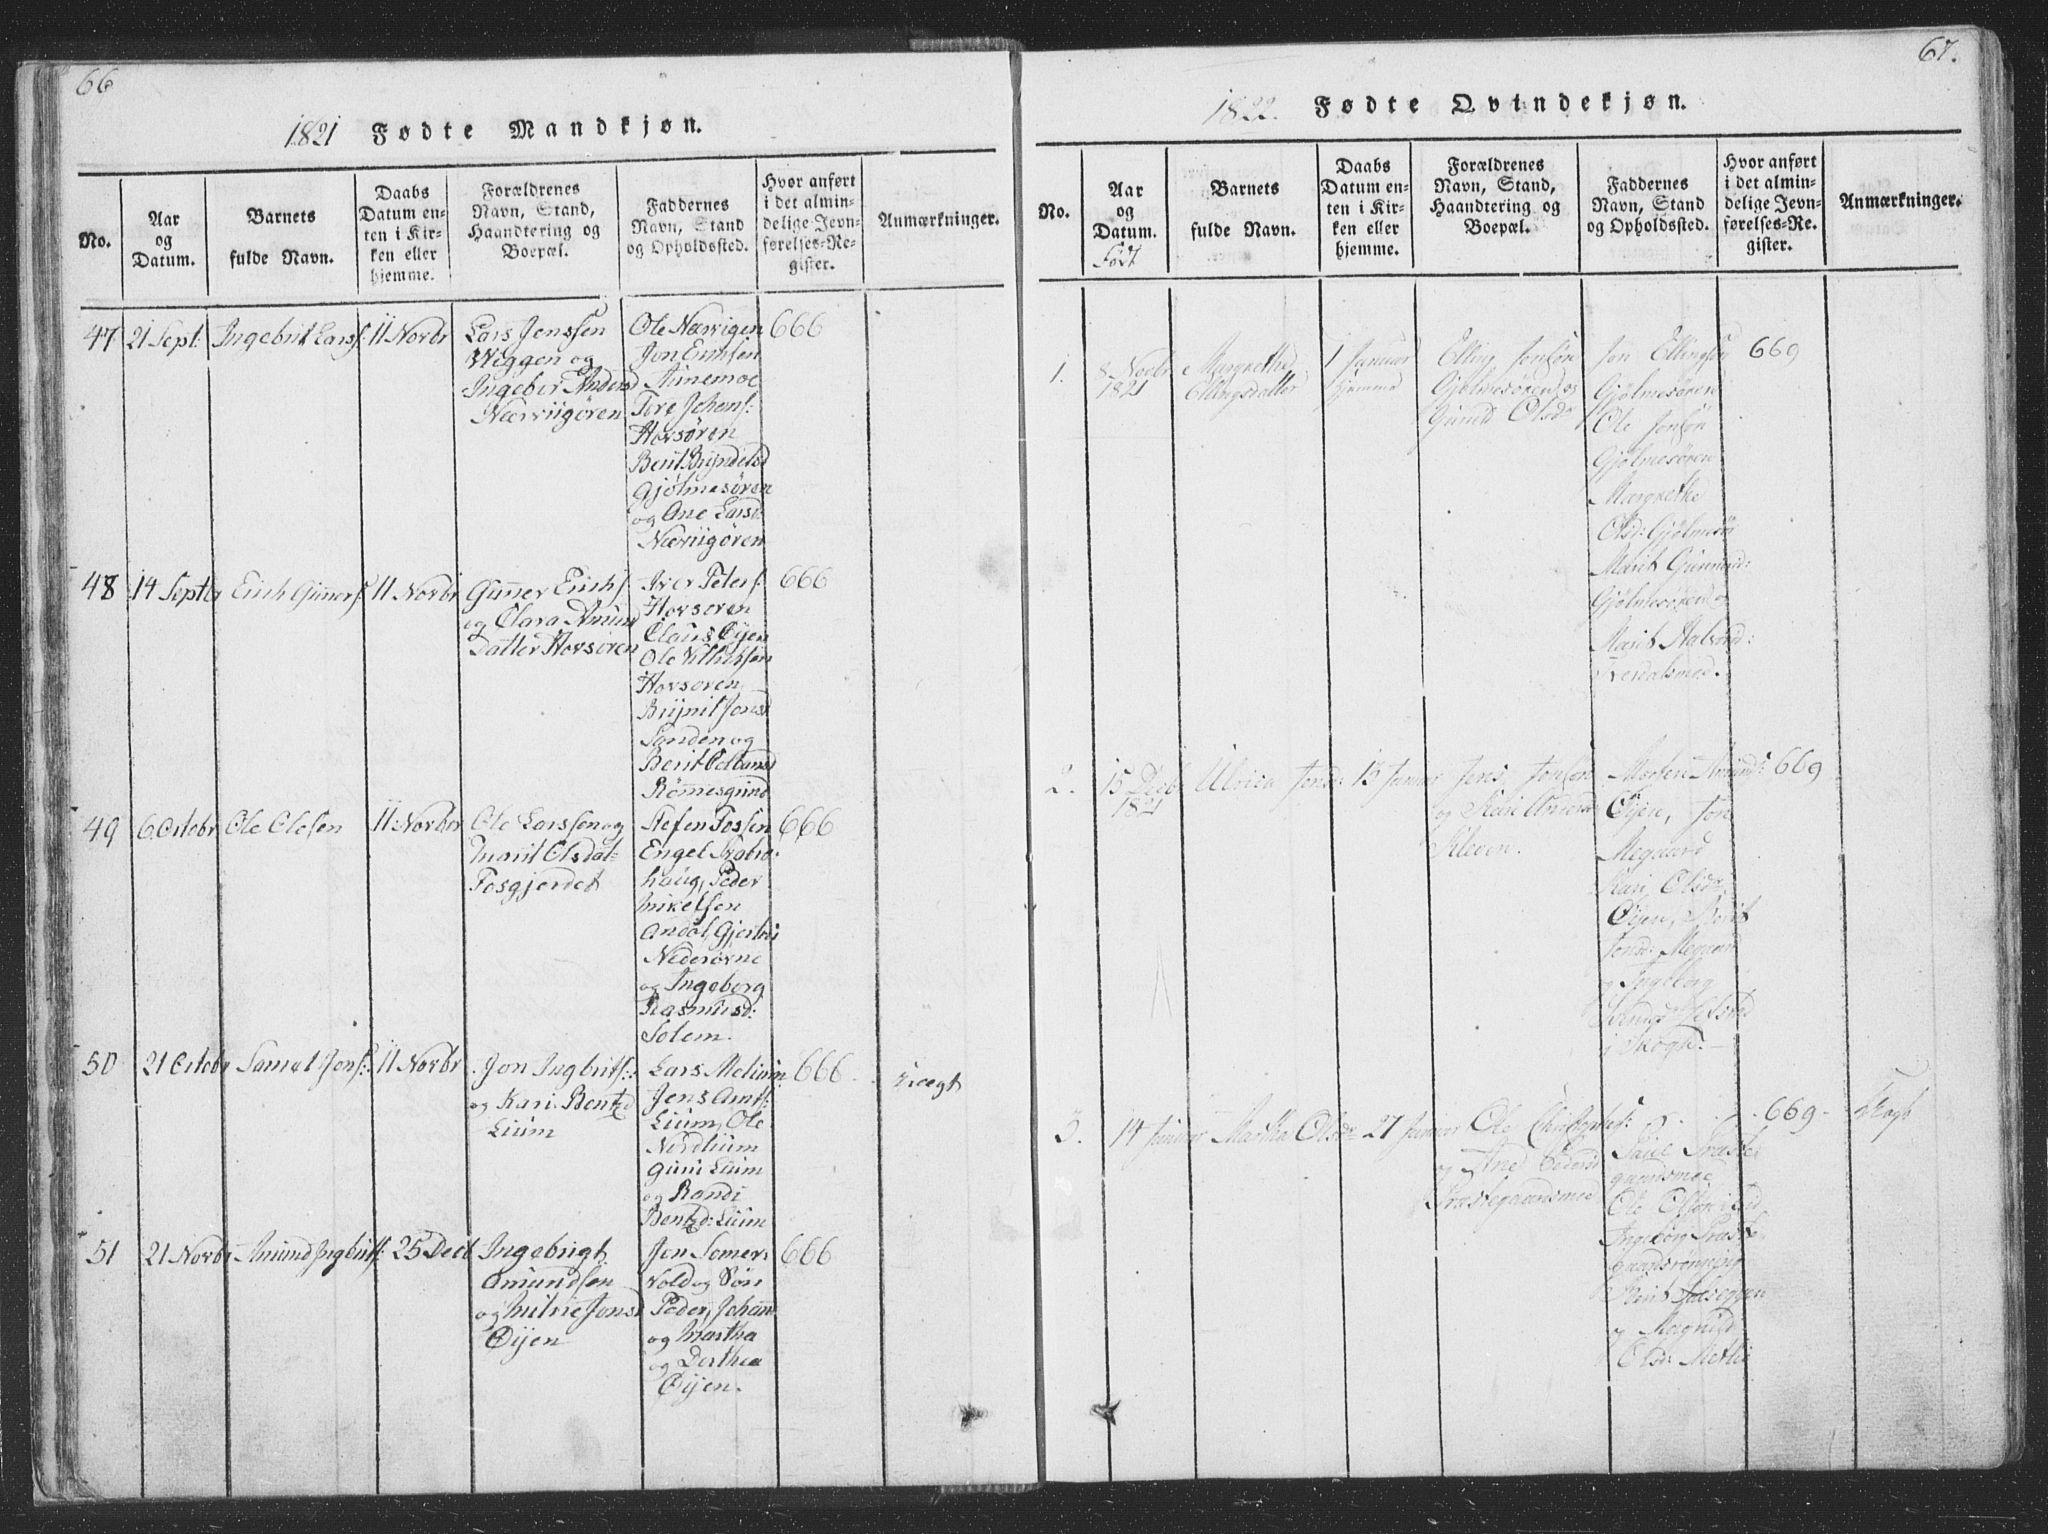 SAT, Ministerialprotokoller, klokkerbøker og fødselsregistre - Sør-Trøndelag, 668/L0816: Klokkerbok nr. 668C05, 1816-1893, s. 66-67